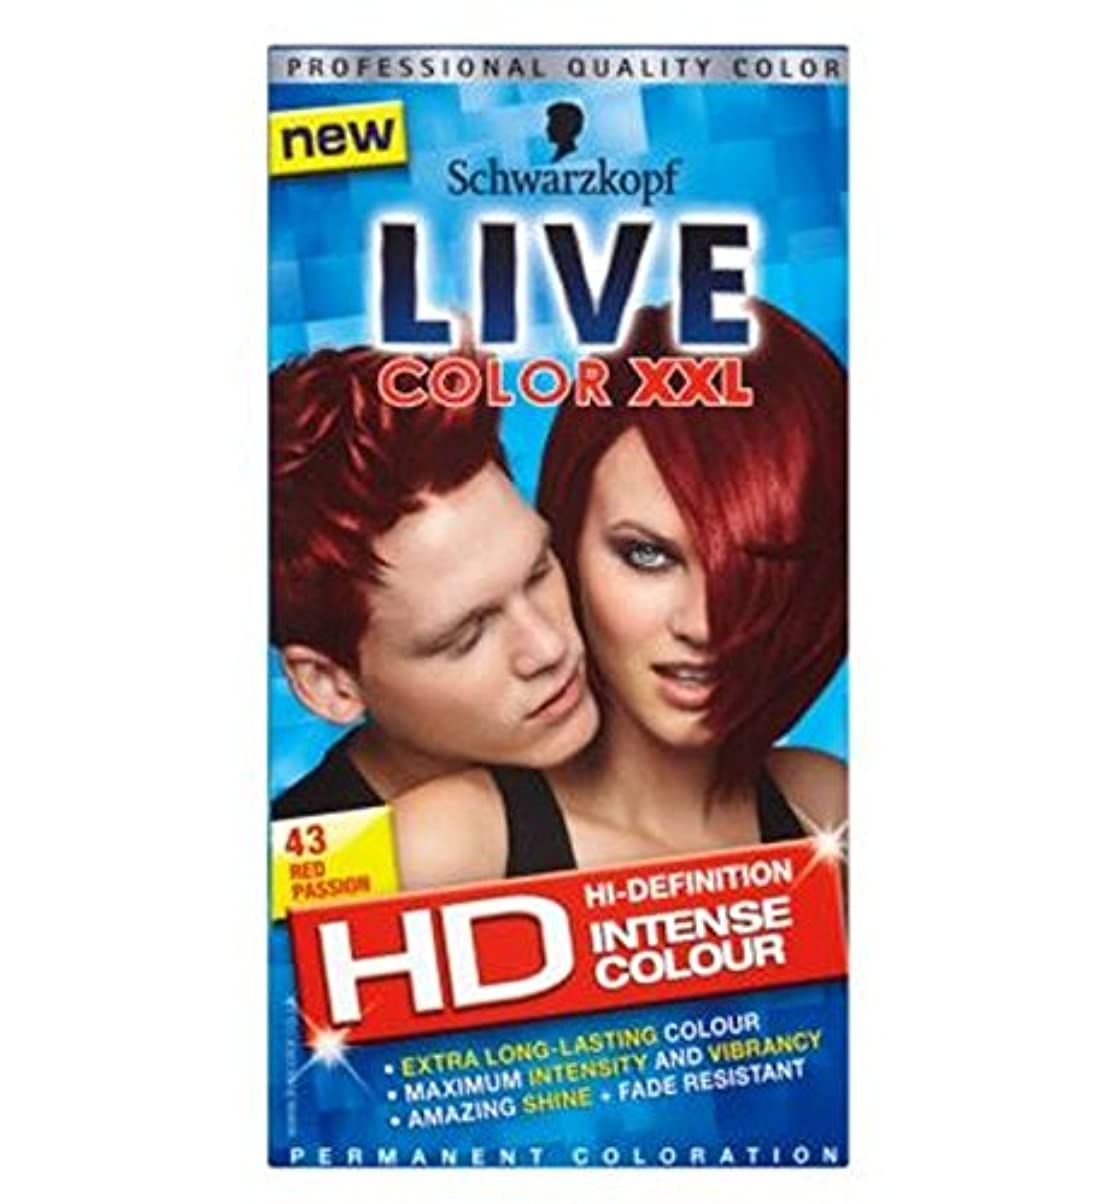 偏見新しい意味憤るSchwarzkopf LIVE Color XXL HD 43 Red Passion Permanent Red Hair Dye - シュワルツコフライブカラーXxl Hdの43赤い情熱パーマネントレッドヘアダイ...